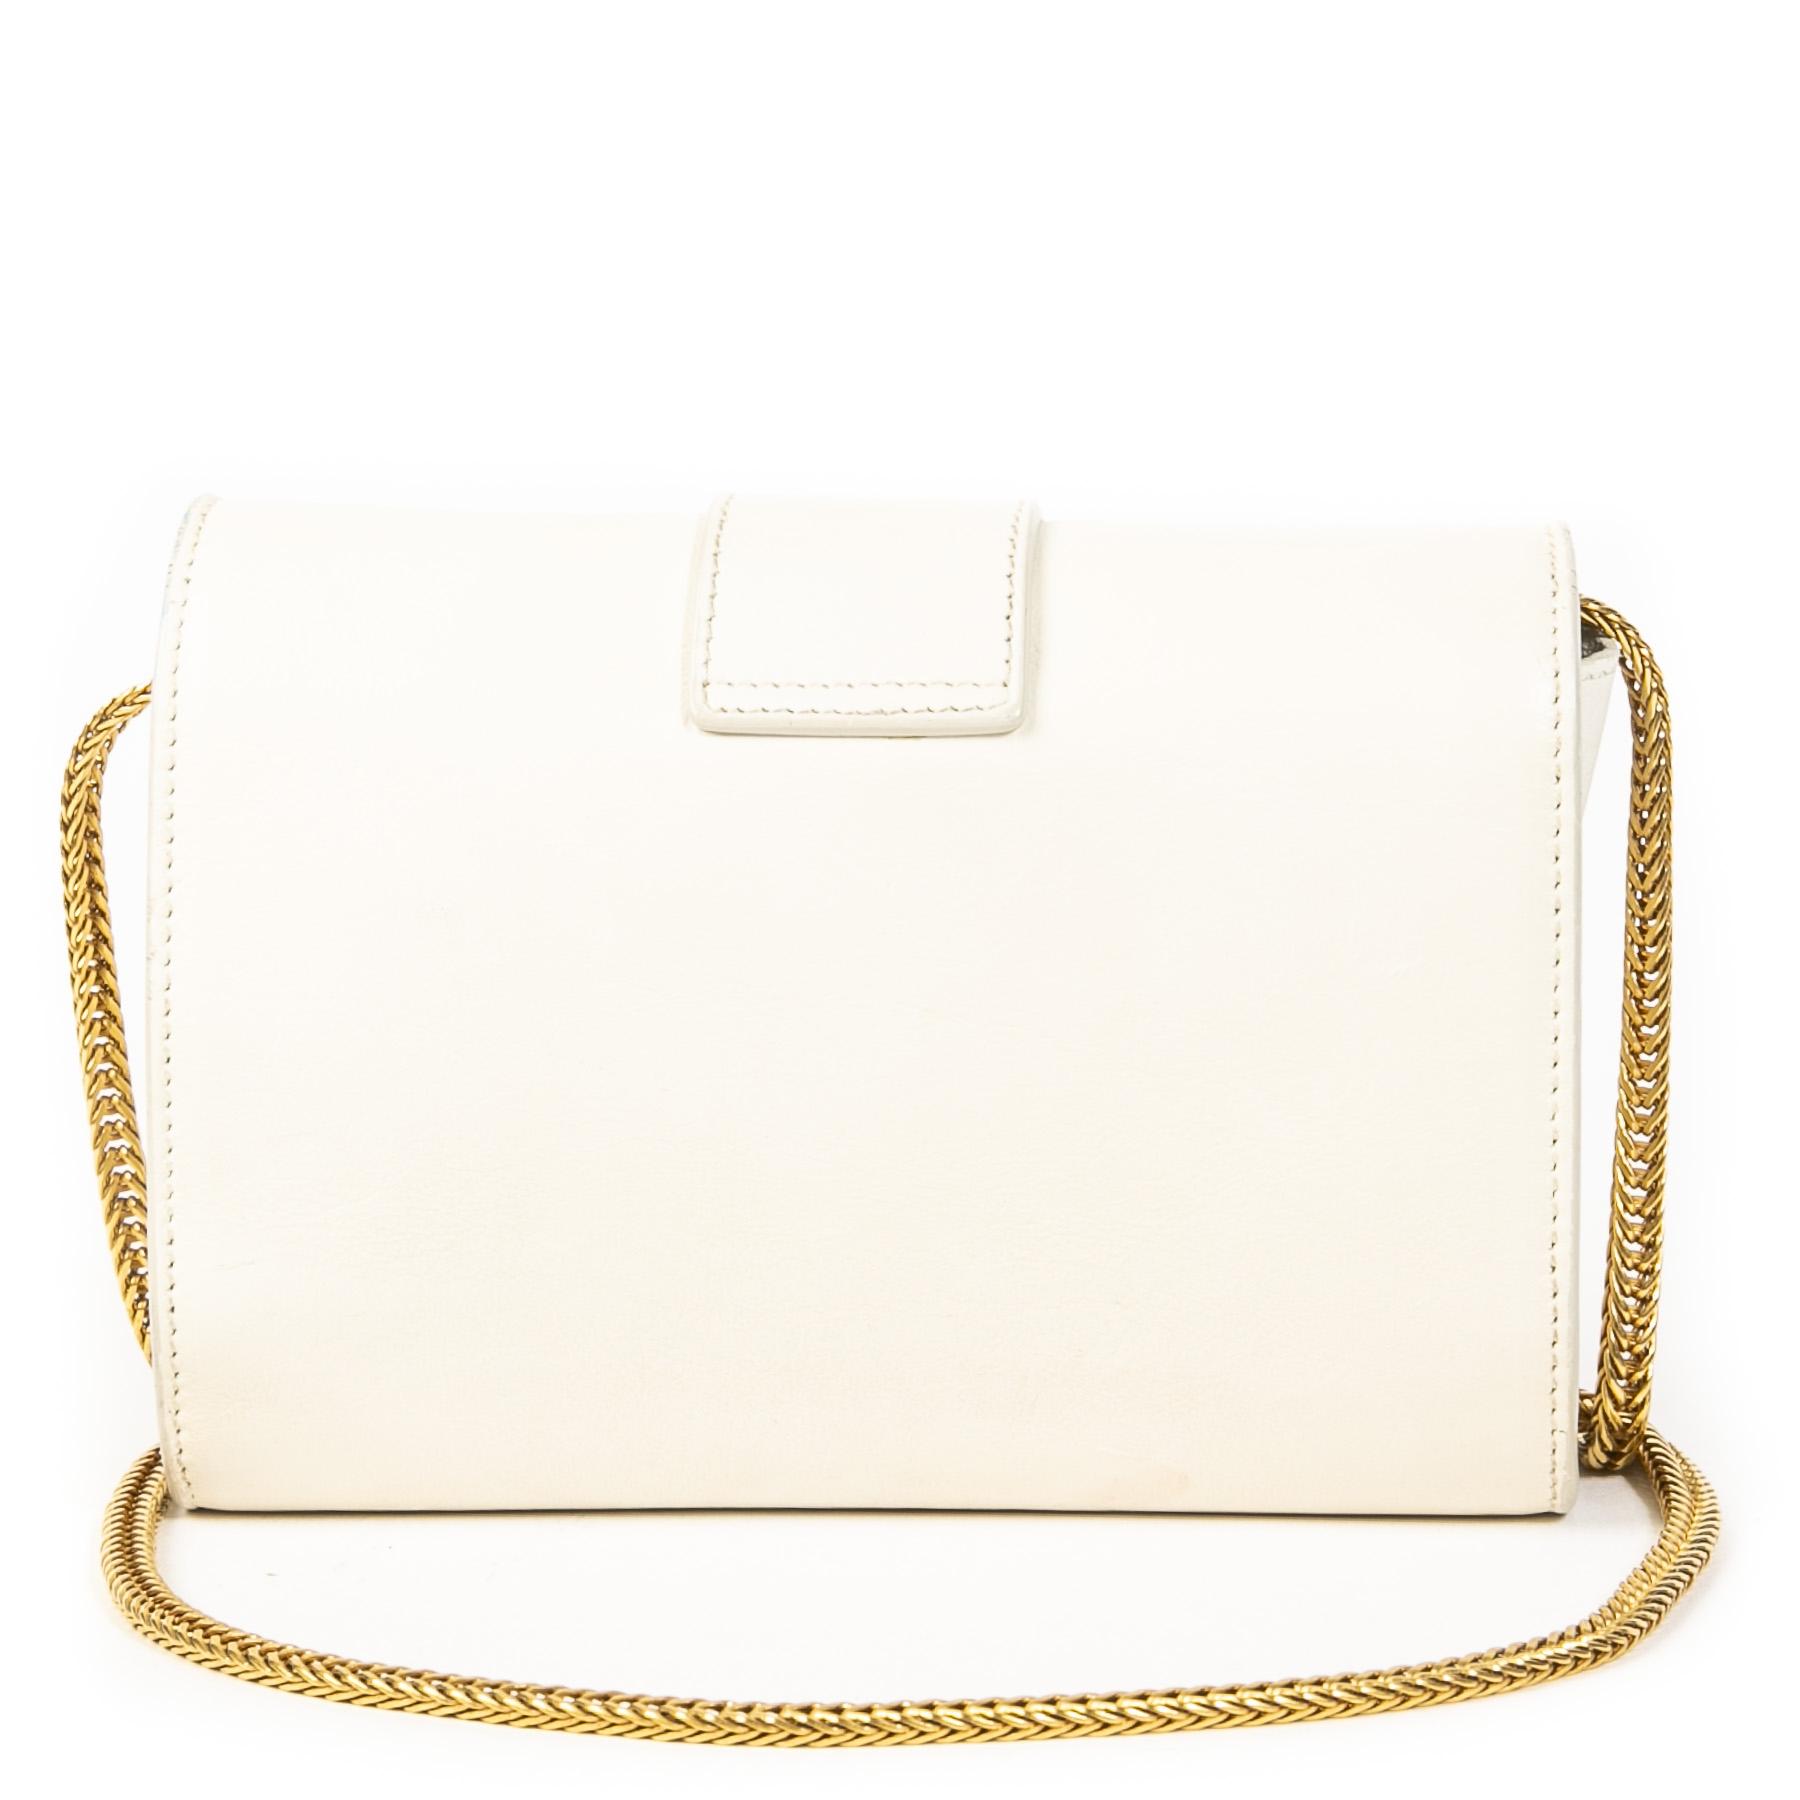 Authentieke Tweedehands Yves Saint Laurent White Leather Shoulder Bag juiste prijs veilig online shoppen luxe merken webshop winkelen Antwerpen België mode fashion